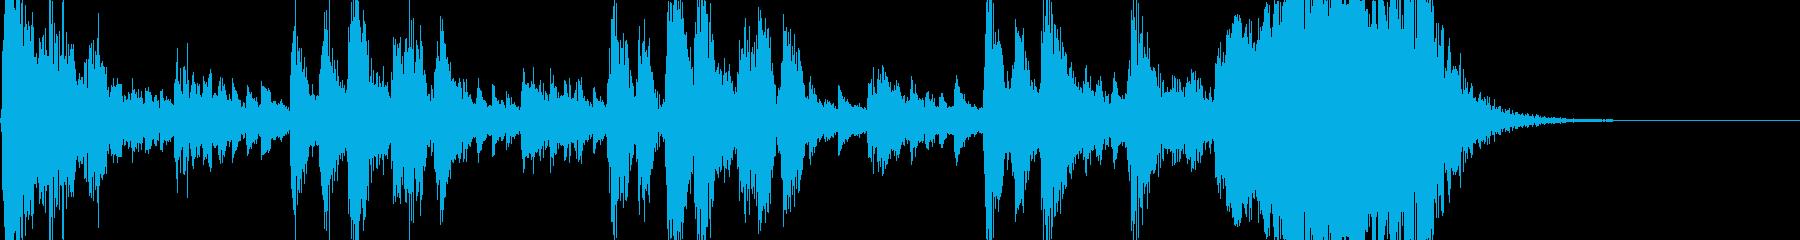 オーケストラのアイキャッチの再生済みの波形